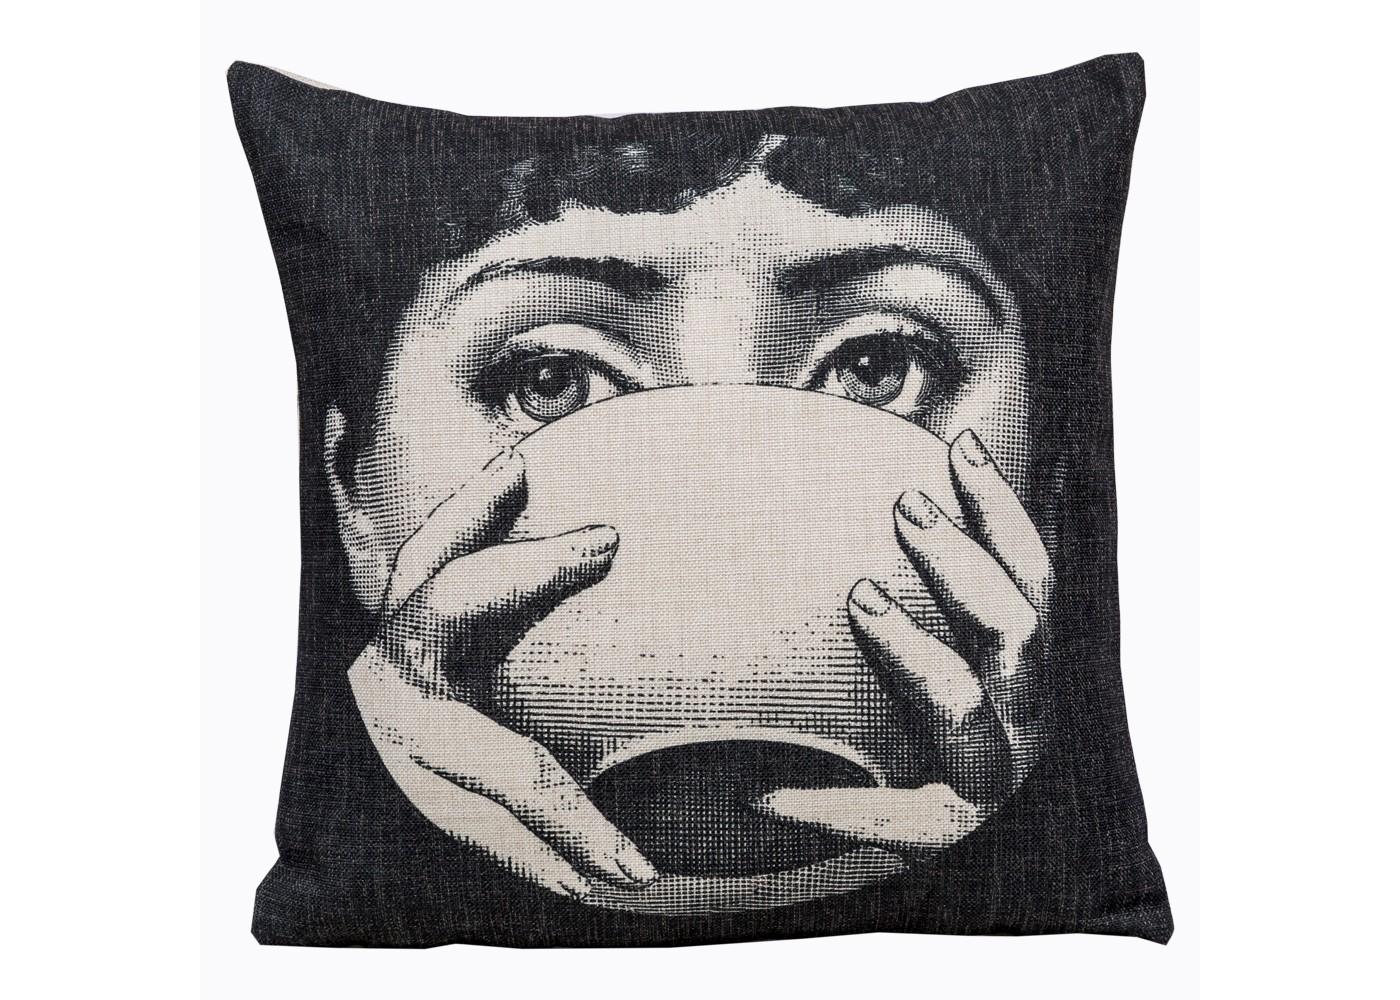 Арт-подушка Лина, версия Tea TimeКвадратные подушки и наволочки<br>Стильные черно-белые аксессуары обладают особой выразительностью, придающей обычным вещам театральную загадочность и интригу. Шелковистая натуральная ткань, воздушный наполнитель, магнетичный рисунок, - декоративные подушки &amp;quot;Лина&amp;quot; откликаются на любые условия эргономичного отдыха, столь желанного Вам и Вашему убранству.&amp;lt;div&amp;gt;&amp;lt;br&amp;gt;&amp;lt;/div&amp;gt;&amp;lt;div&amp;gt;&amp;lt;br&amp;gt;&amp;lt;/div&amp;gt;&amp;lt;iframe width=&amp;quot;530&amp;quot; height=&amp;quot;315&amp;quot; src=&amp;quot;https://www.youtube.com/embed/MqeeEoEbmPE&amp;quot; frameborder=&amp;quot;0&amp;quot; allowfullscreen=&amp;quot;&amp;quot;&amp;gt;&amp;lt;/iframe&amp;gt;<br><br>Material: Текстиль<br>Width см: 45<br>Depth см: 15<br>Height см: 45